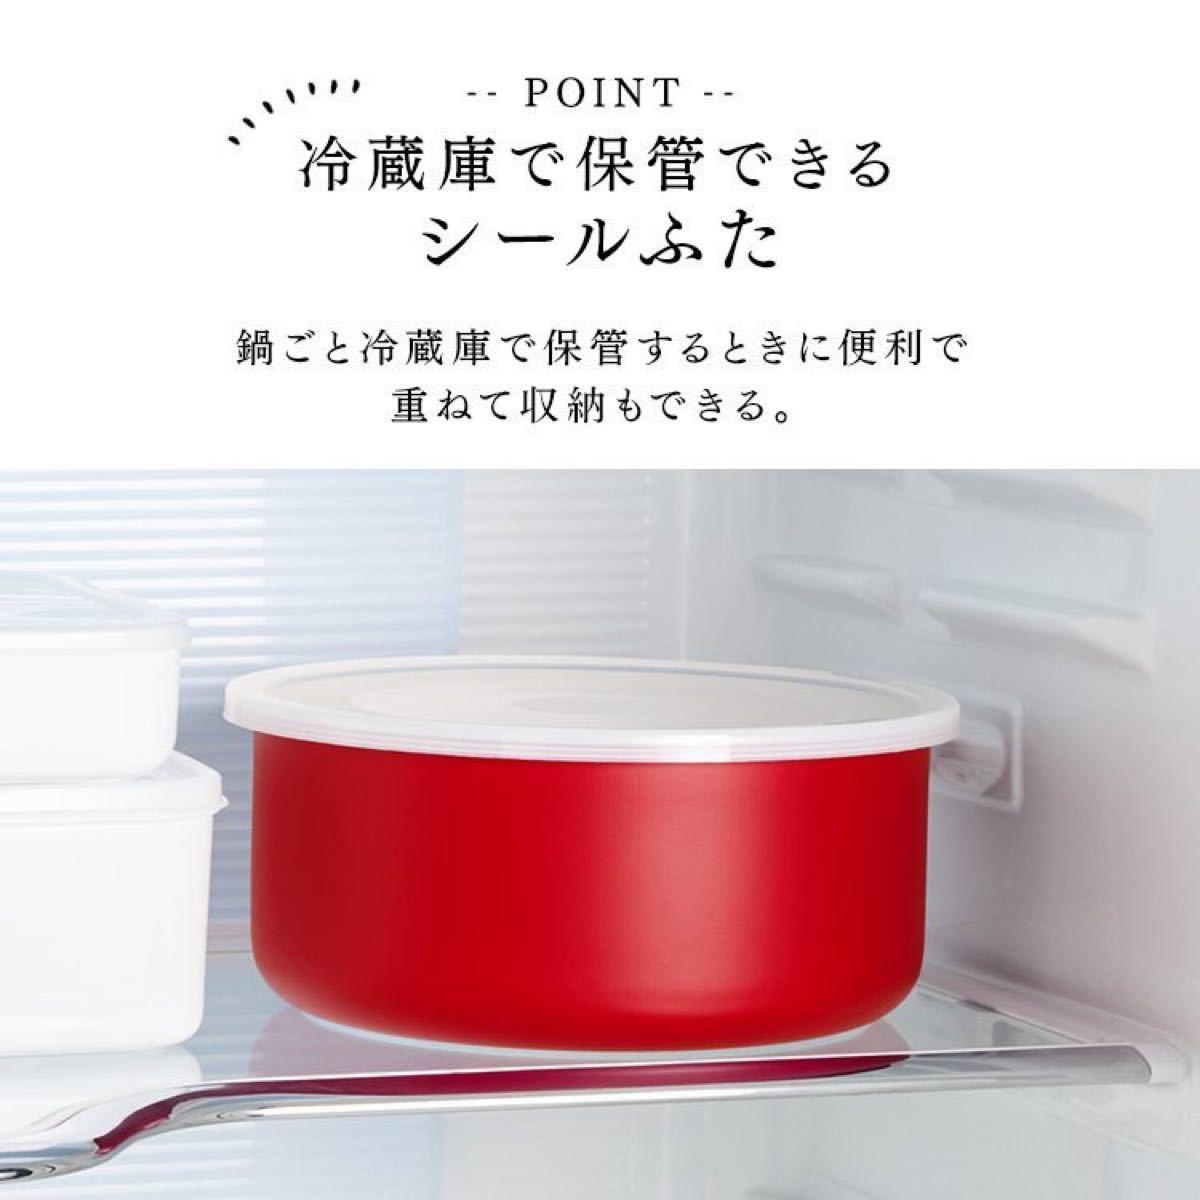 フライパンセット IH ガス火 アイリスオーヤマ 11点セット TF-SE11